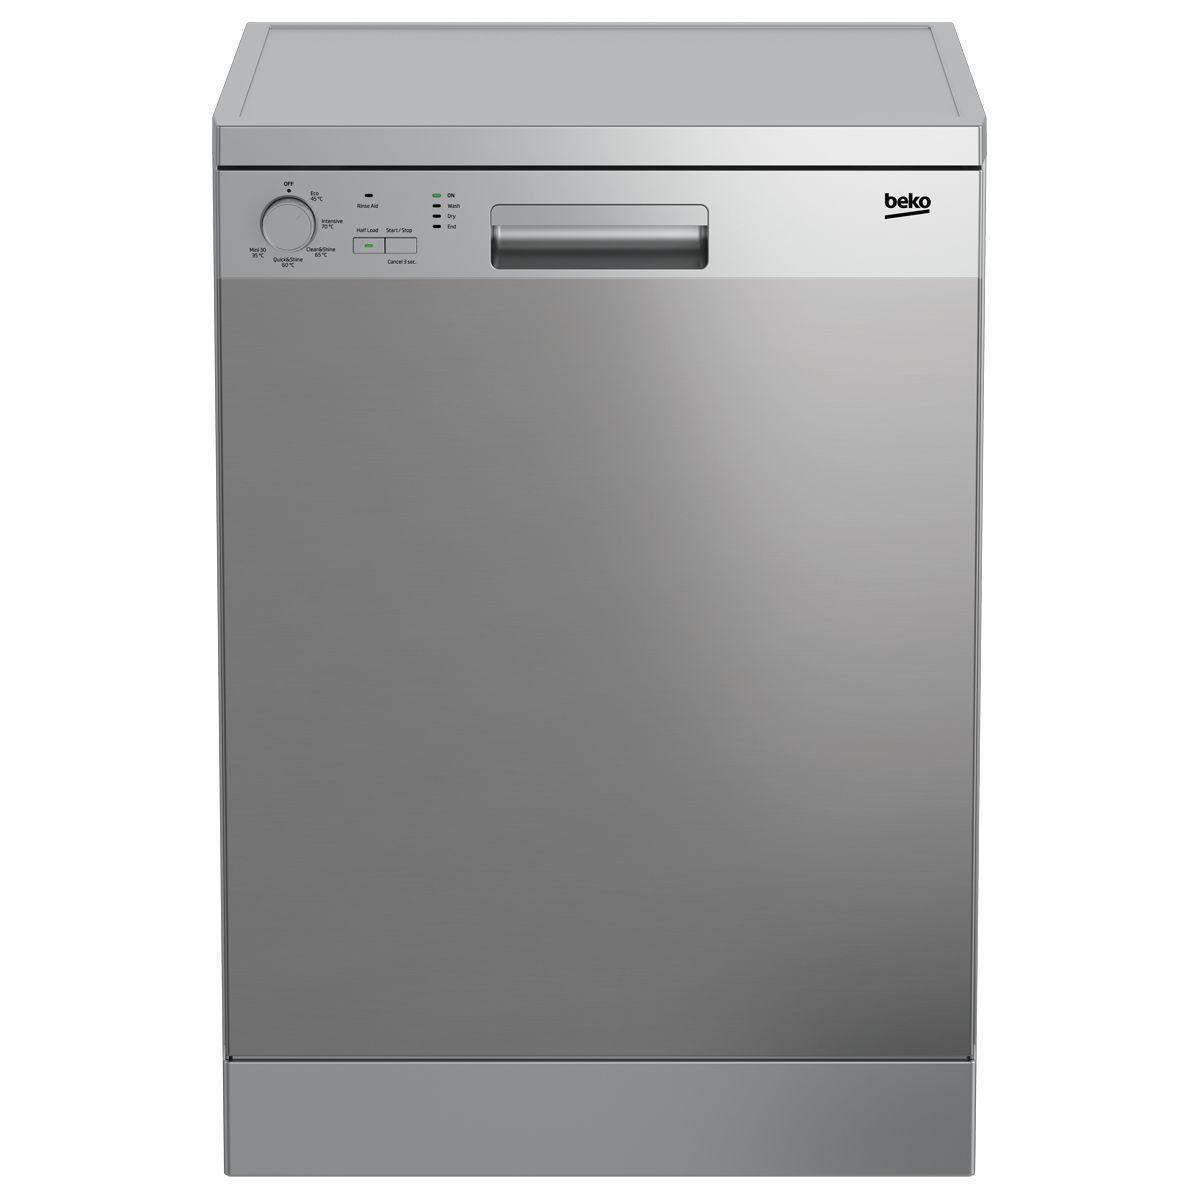 Lave vaisselle 60 cm beko lvp 62s2 - livraison offerte : code ...